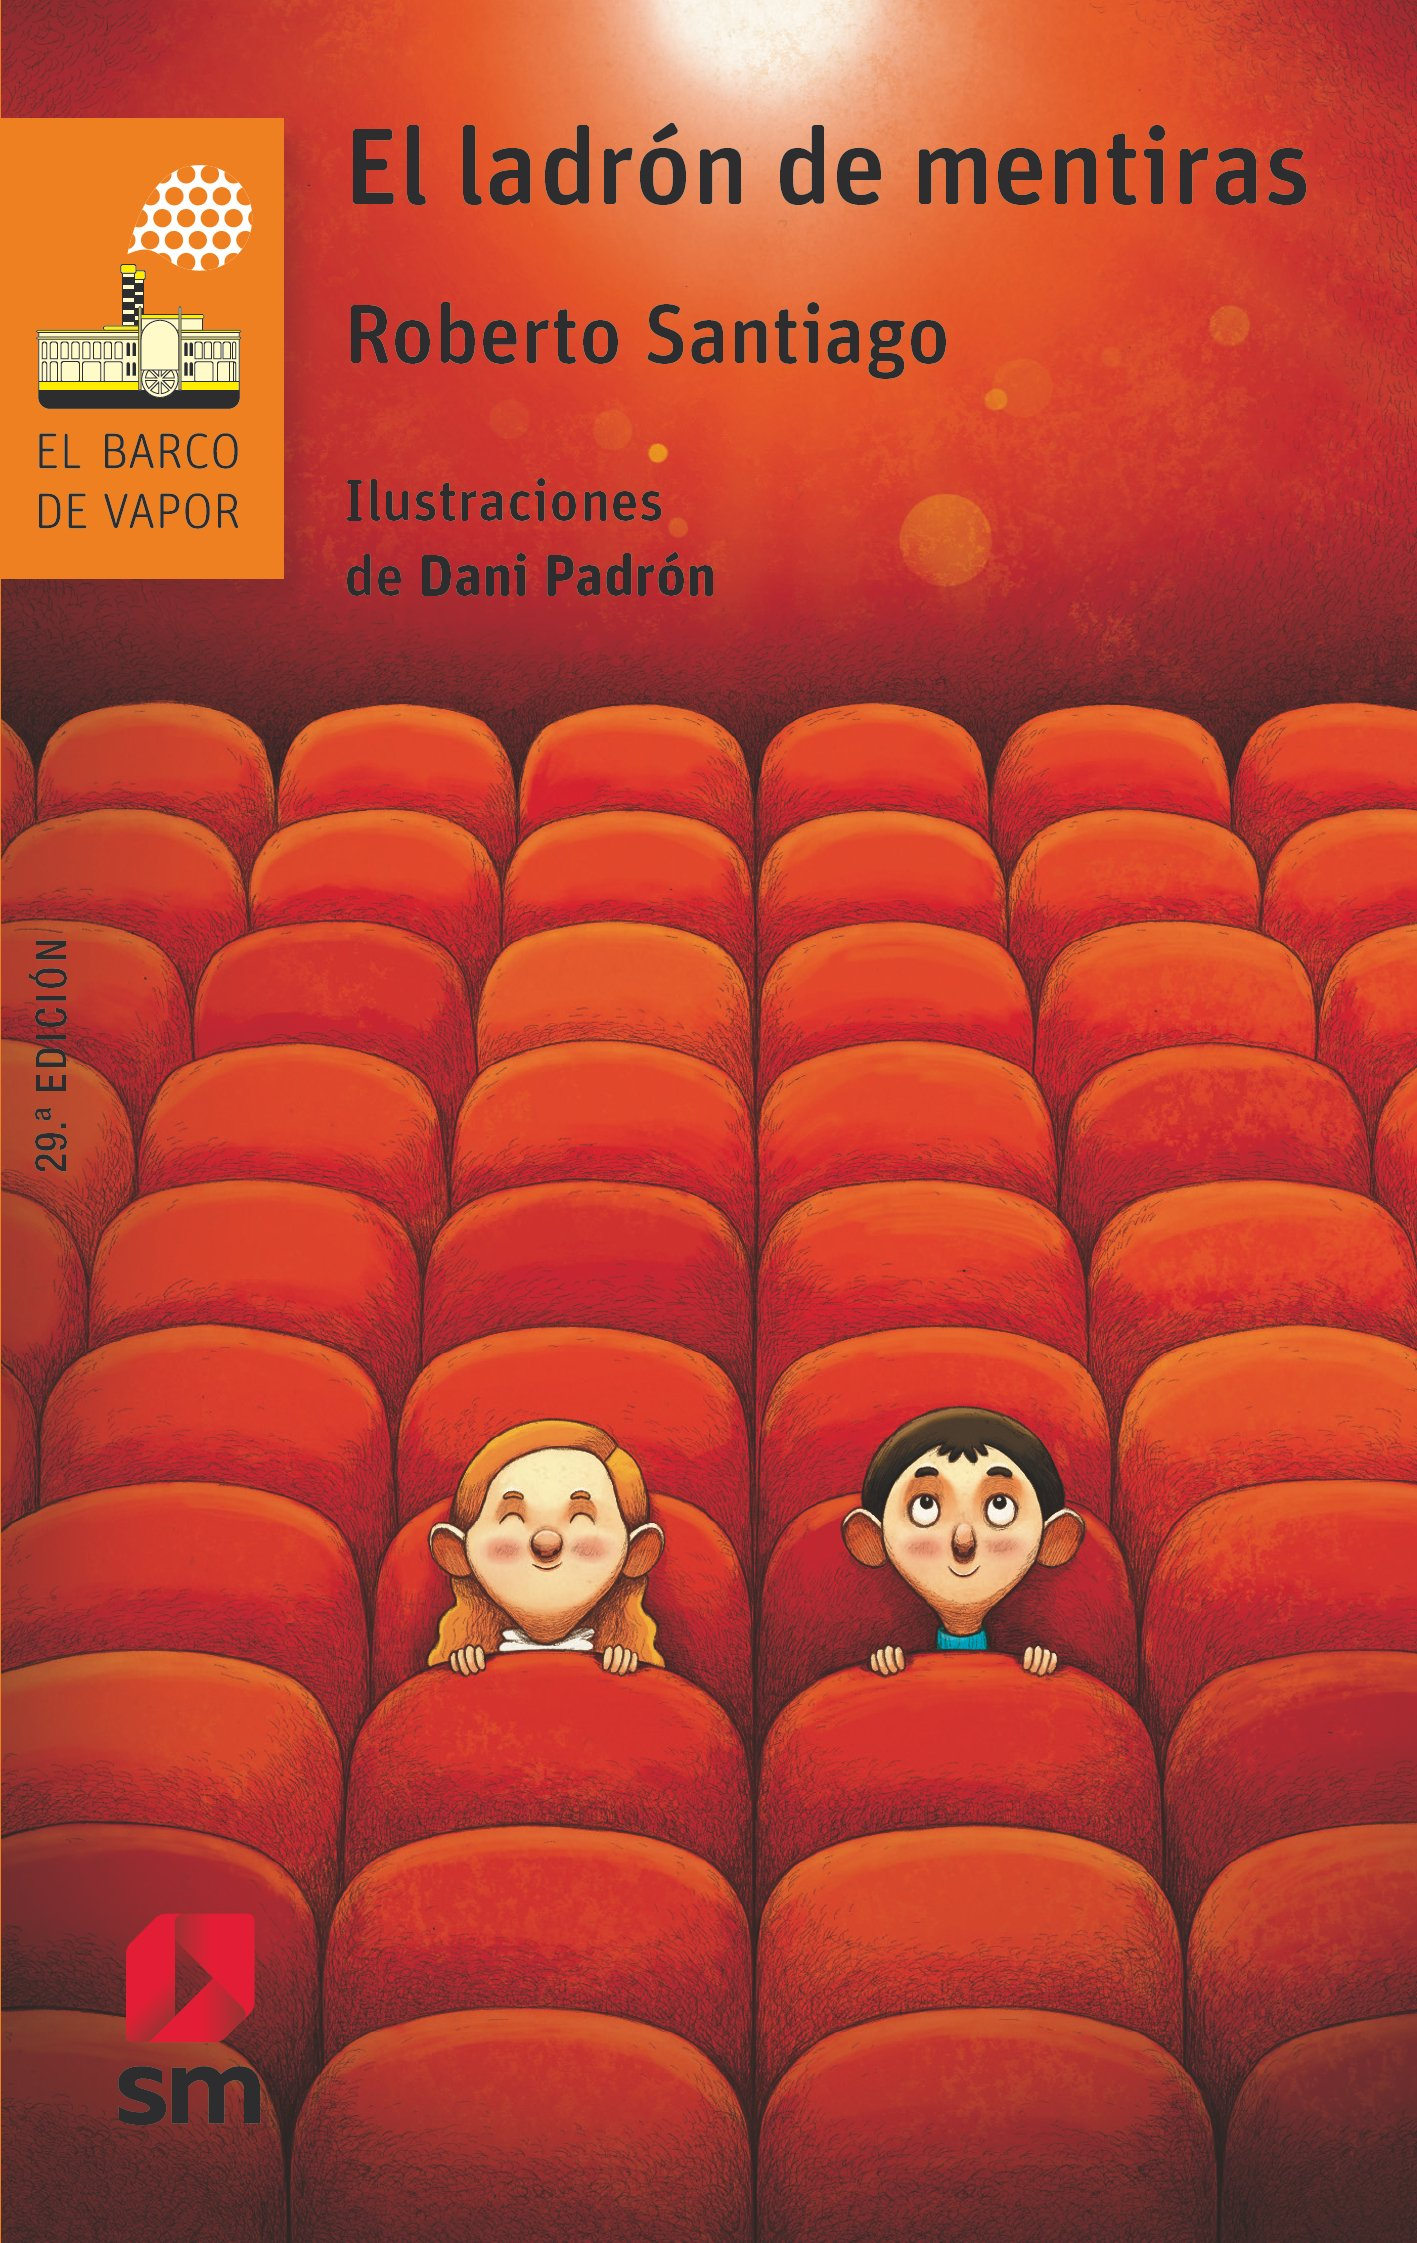 El ladrón de mentiras (El Barco de Vapor Naranja): Amazon.es: Roberto  Santiago, Daniel Iglesias Padrón: Libros